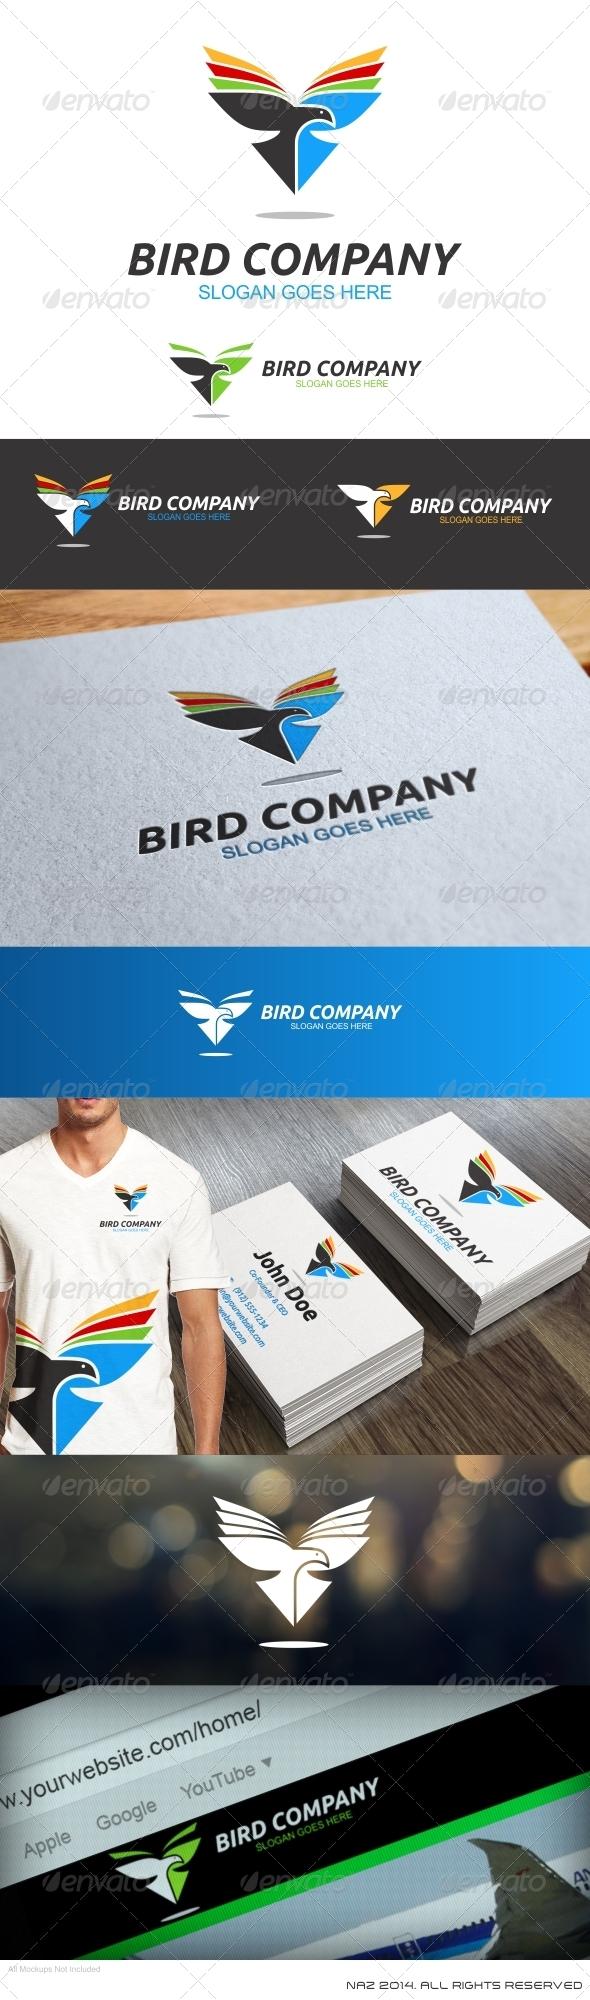 GraphicRiver Bird Company Logo 8470298